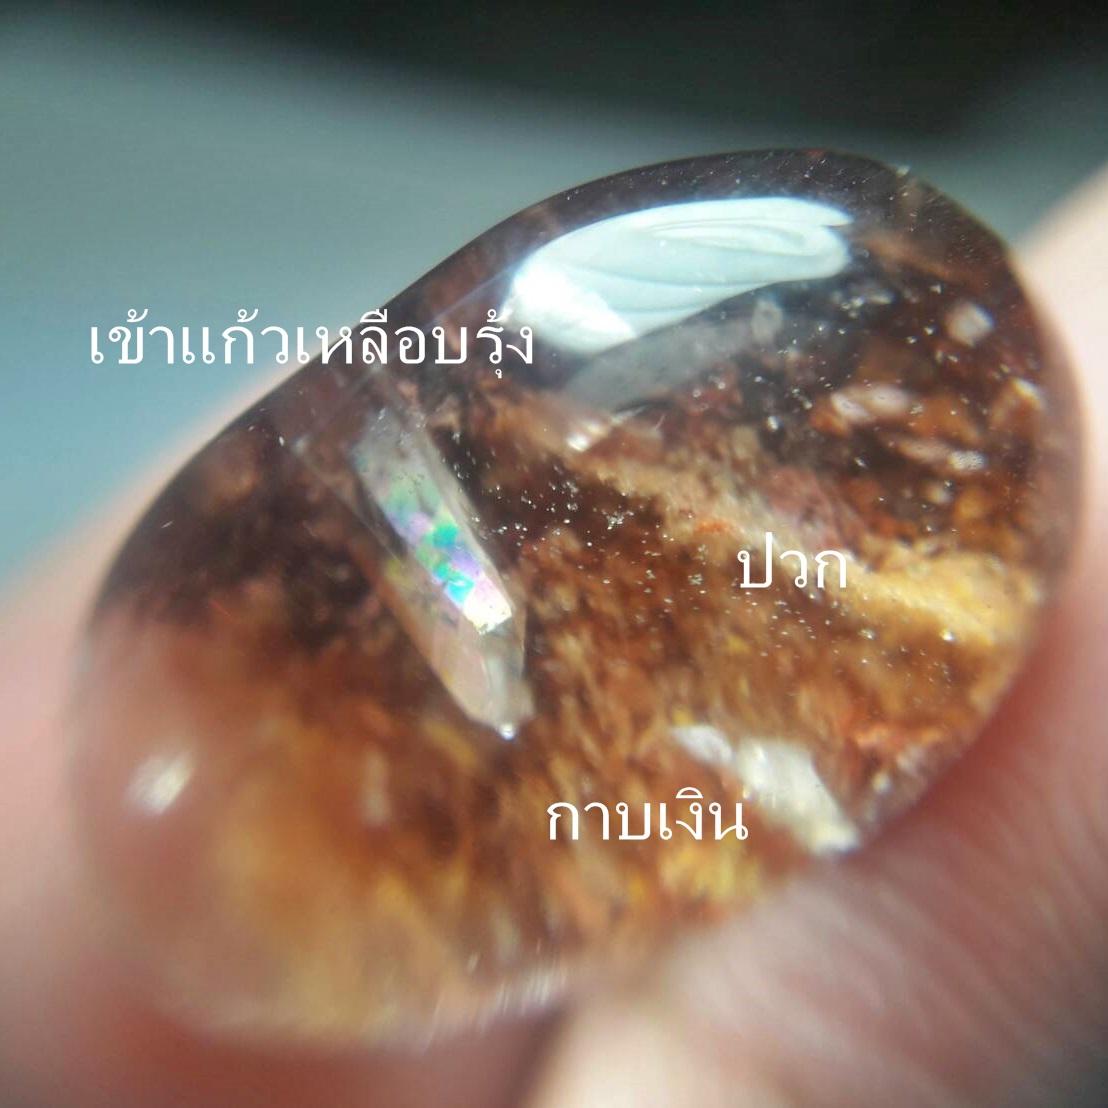 หายาก แก้วเข้าแก้วรัศมีประกายรุ้ง+ปวก+เข้าแร่ น้ำใสสวย ขนาด 2.1 *1.5 cm ทำแหวน จี้ สวยๆ